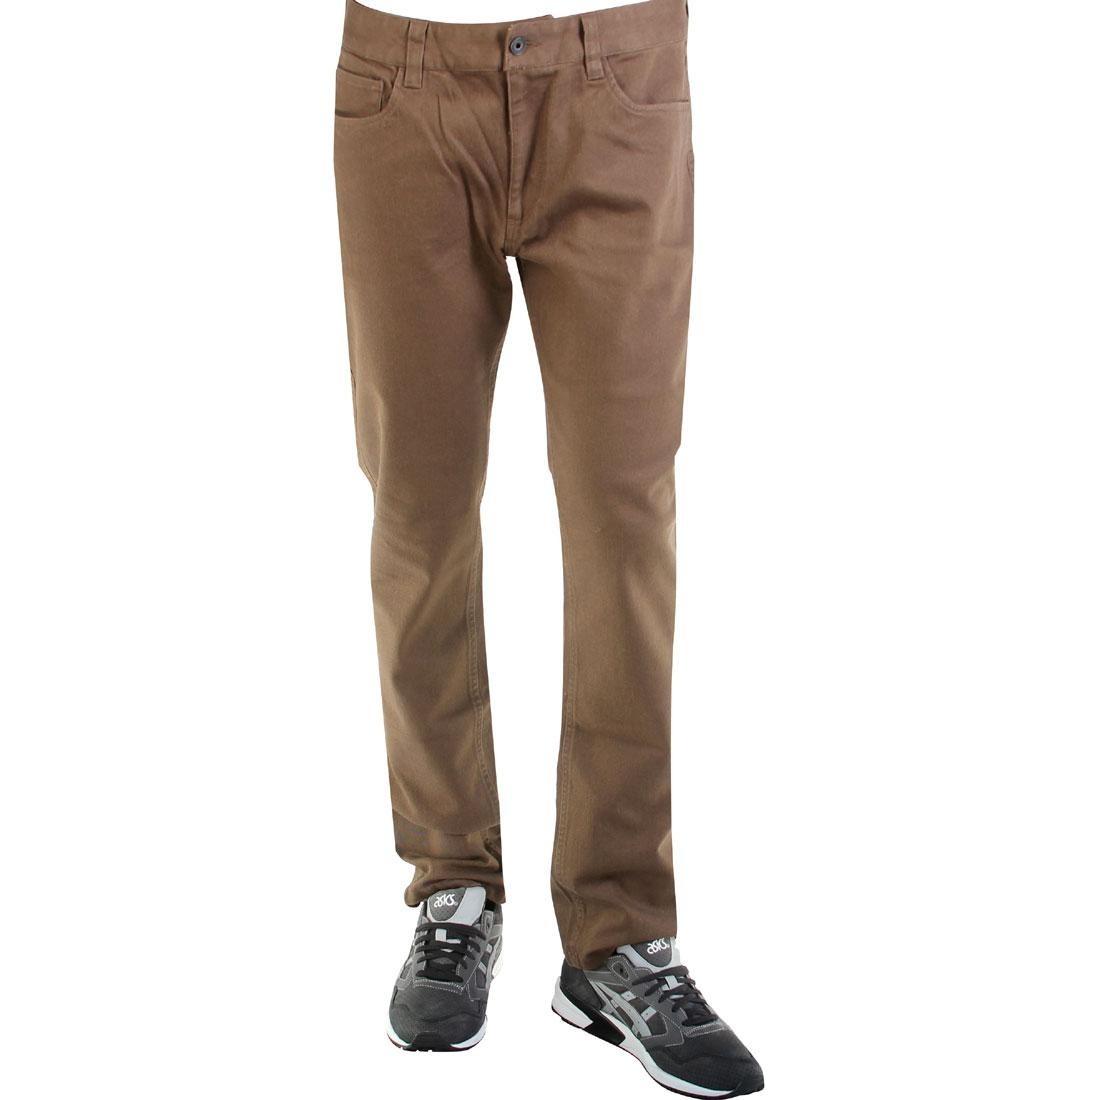 【海外限定】ズボン パンツ 【 BRIXTON RESERVE PANTS BROWN 】